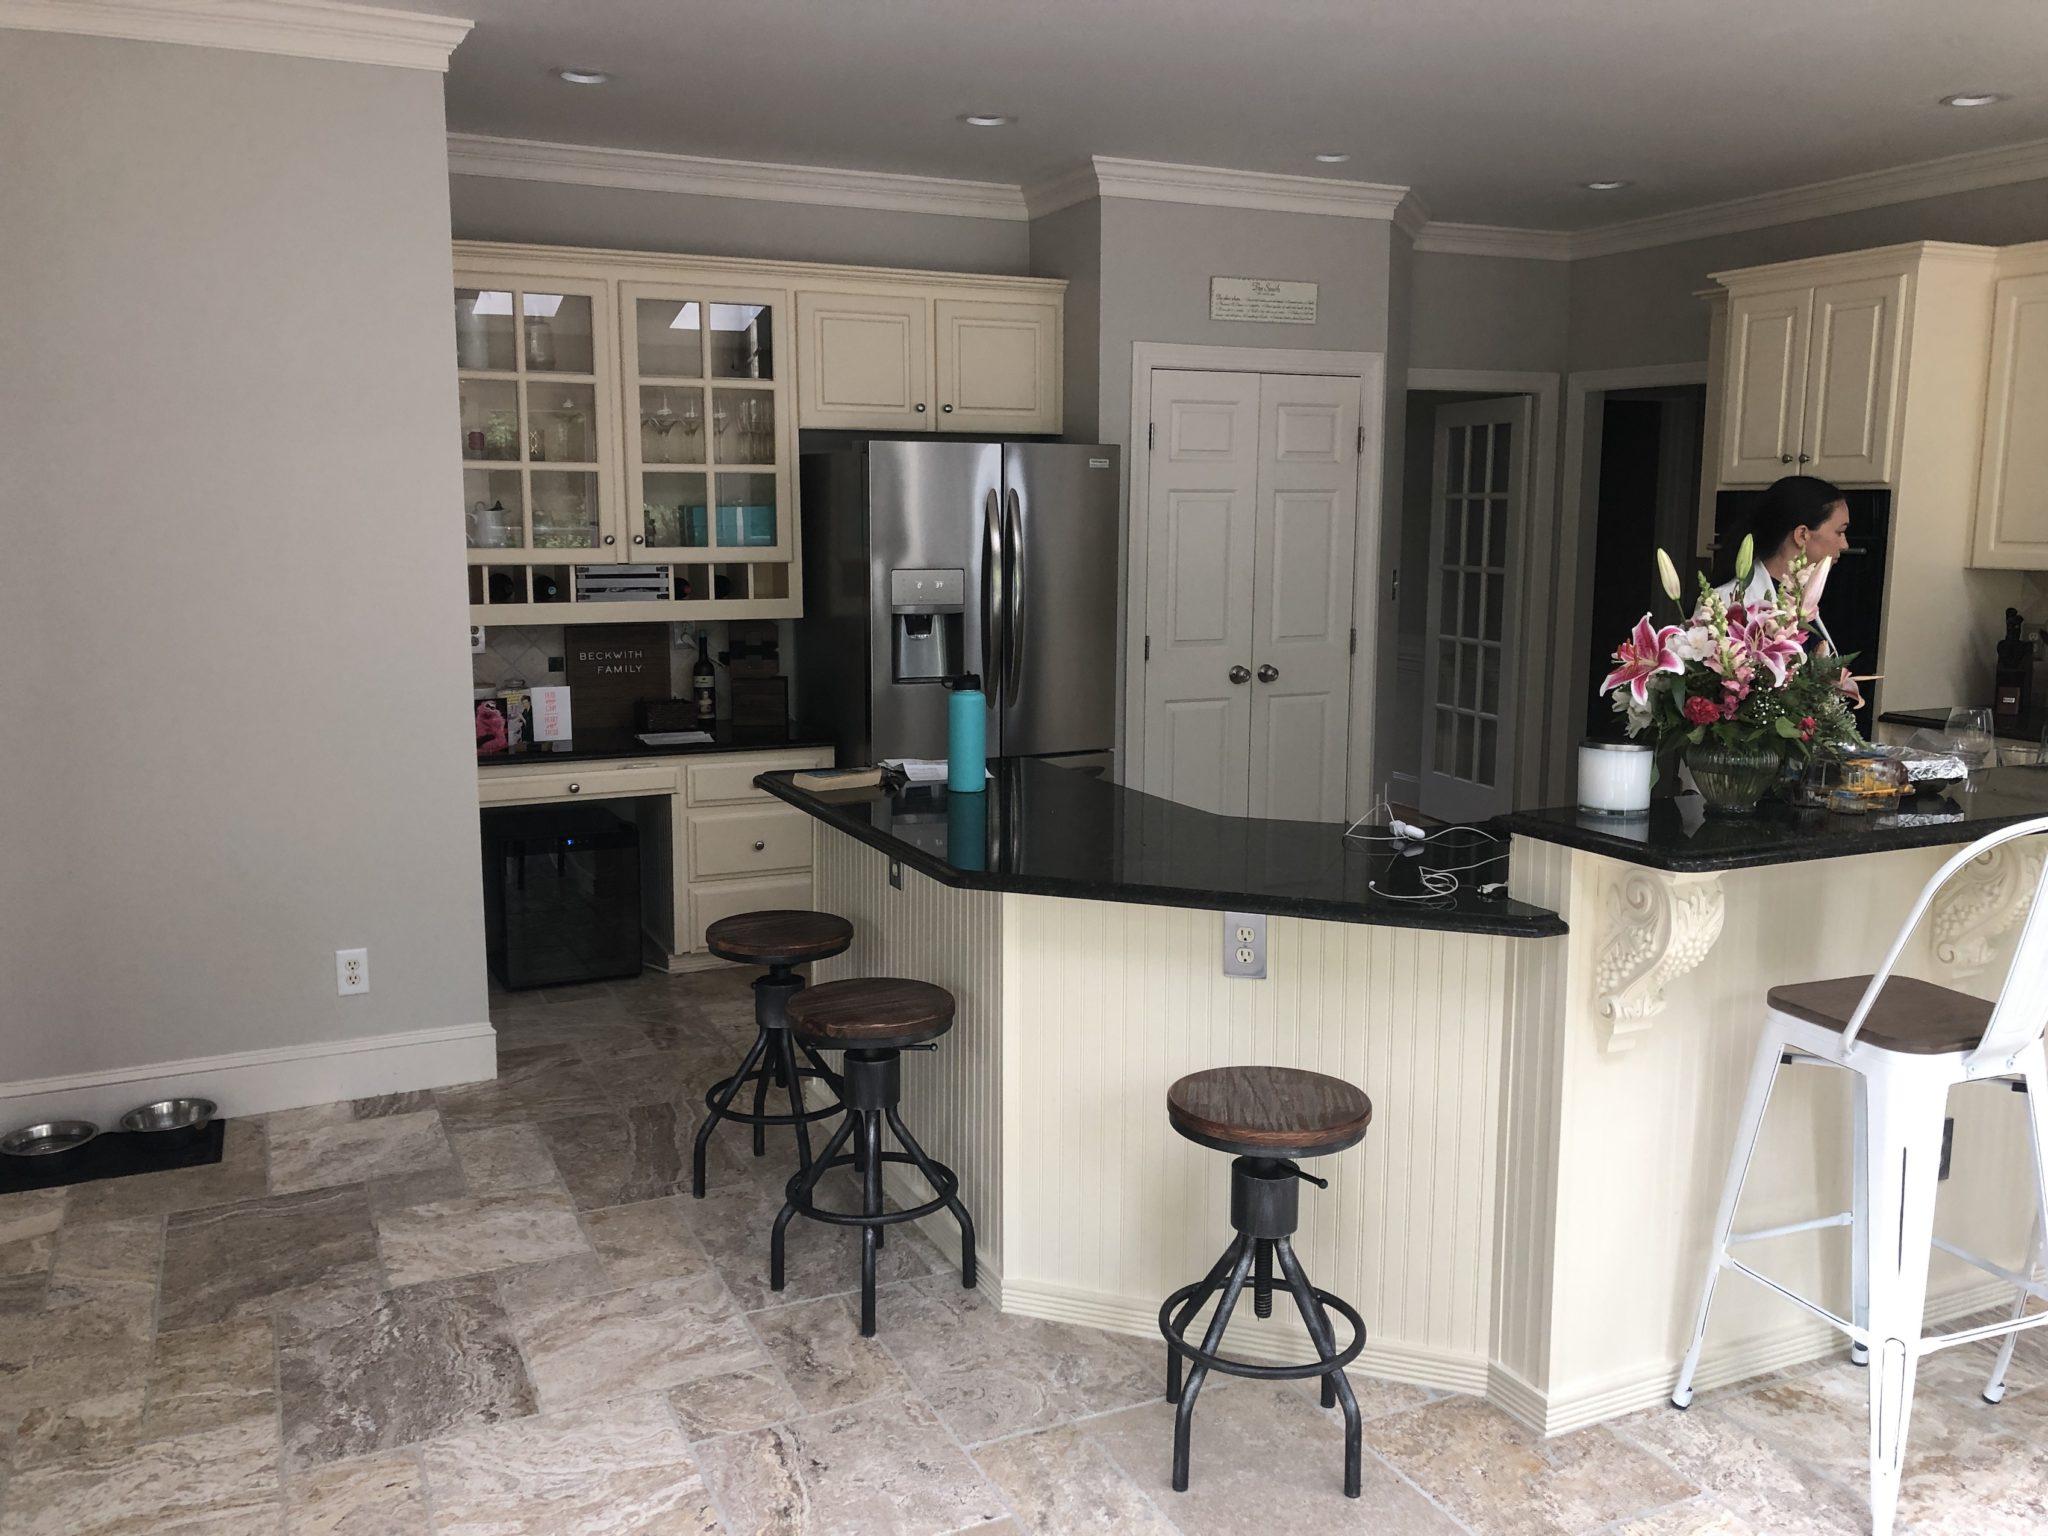 Greek Villa Kitchen Cabinets - 2 Cabinet Girls